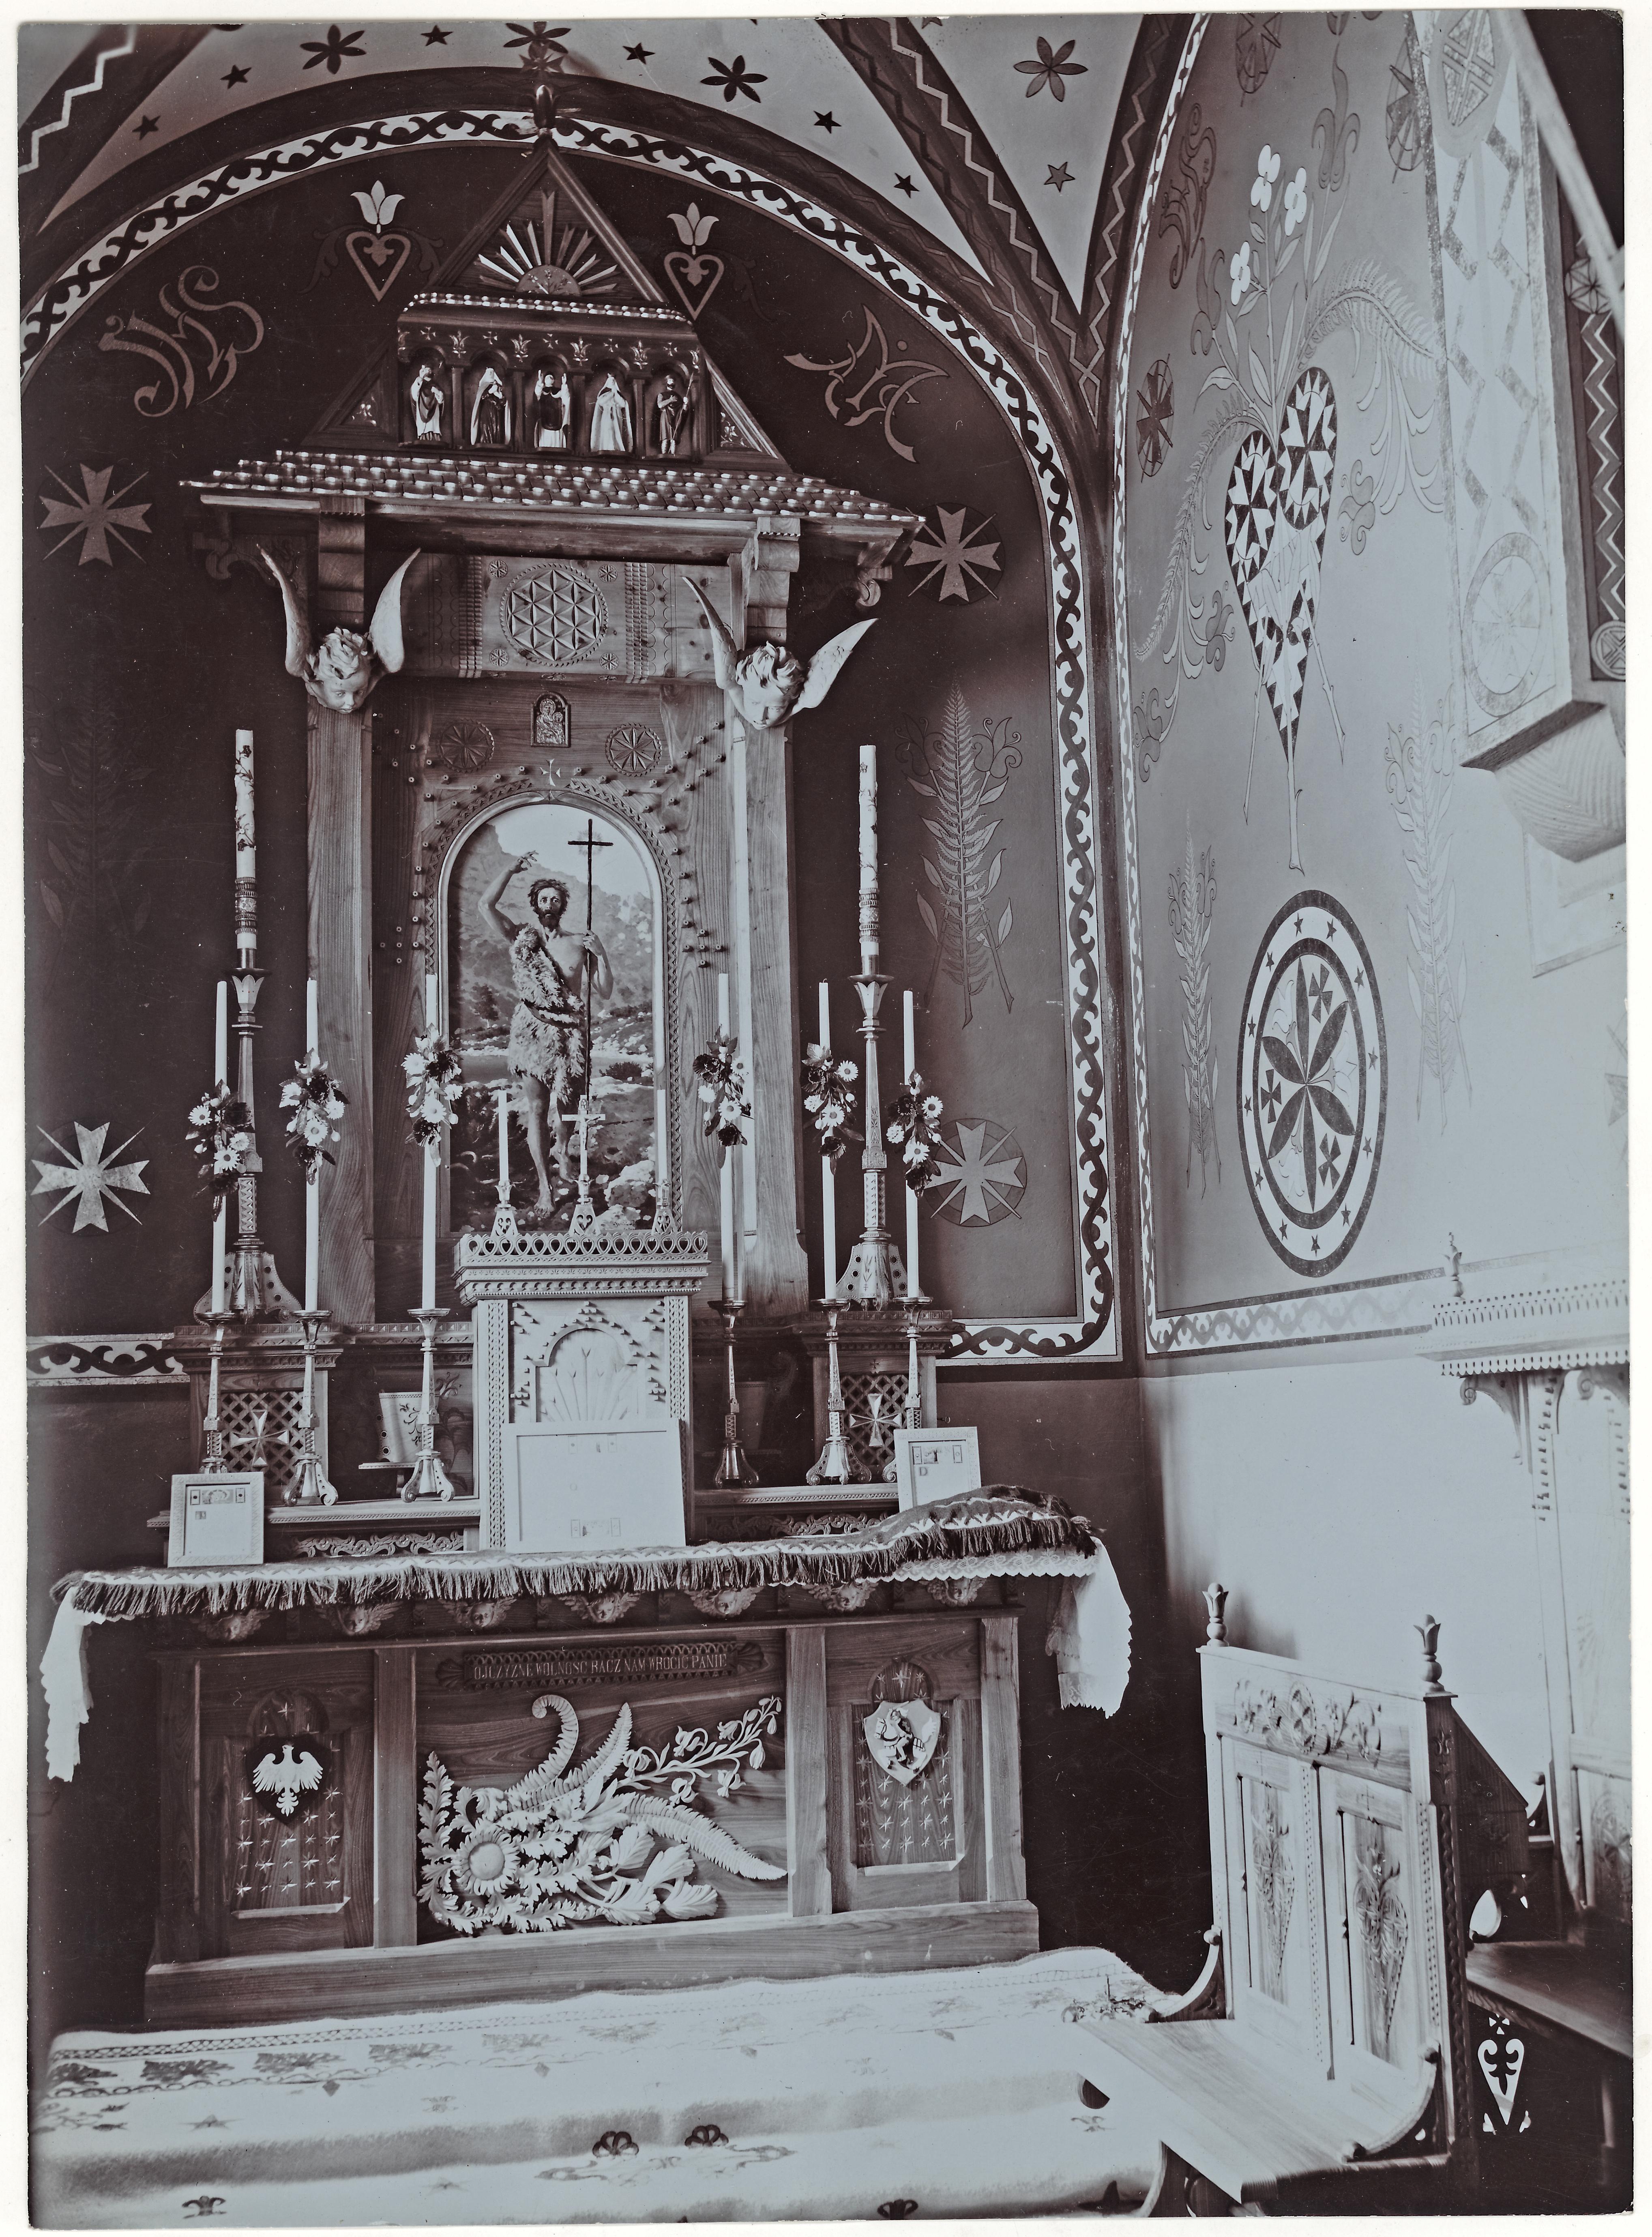 Fotografia wnętrza kaplicy św. Jana Chrzciciela w Zakopanem z obrazem autorstwa Stanisława Witkiewicza w ołtarzu, źródło: Muzeum Tatrzańskie w Zakopanem